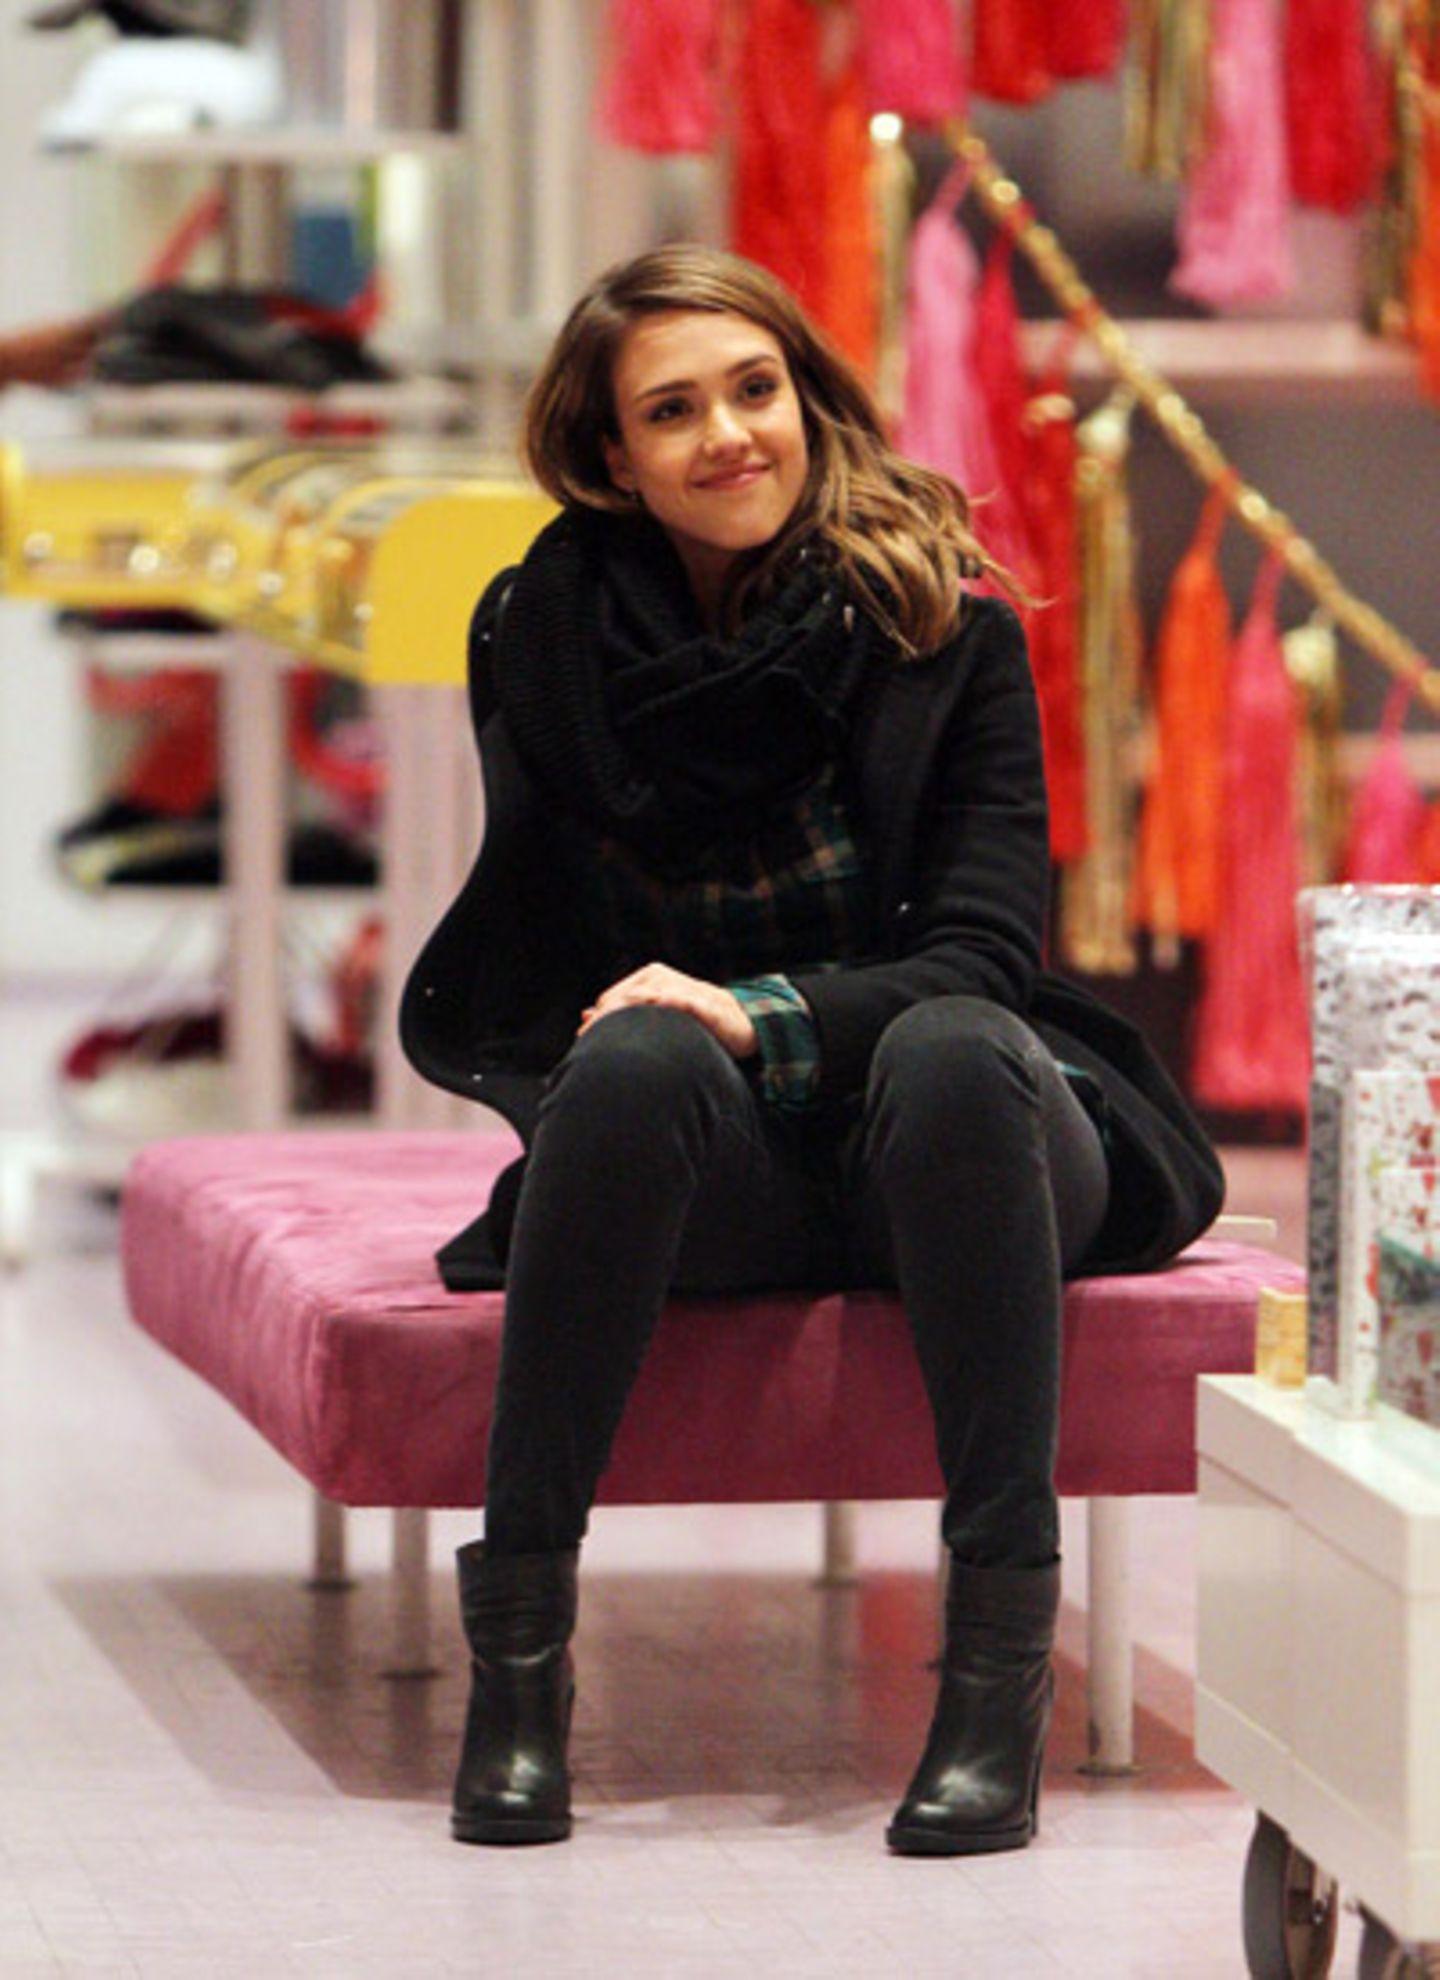 7. Dezember 2011: Jessica Alba ist mit einer Freundin in New Yorks Modeboutiquen unterwegs. Die Schauspielerin gönnt sich eine k